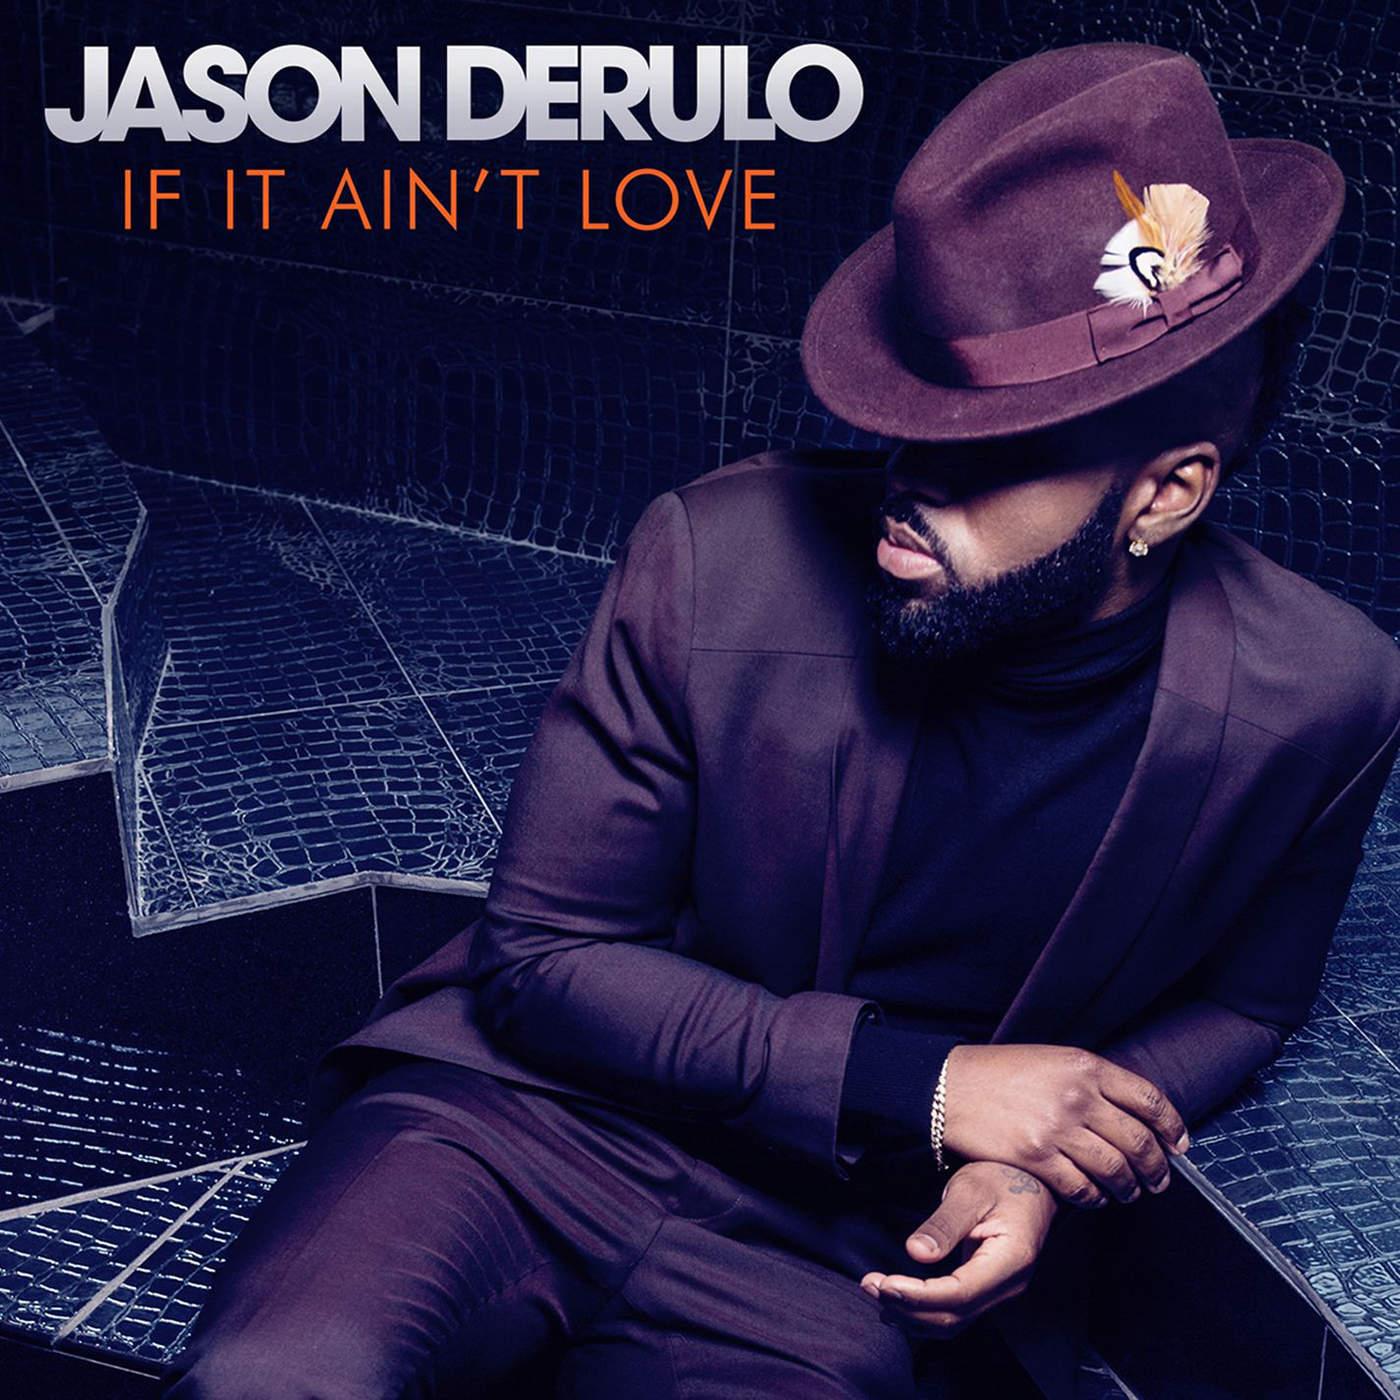 Jason Derulo - If It Ain't Love - Single Cover